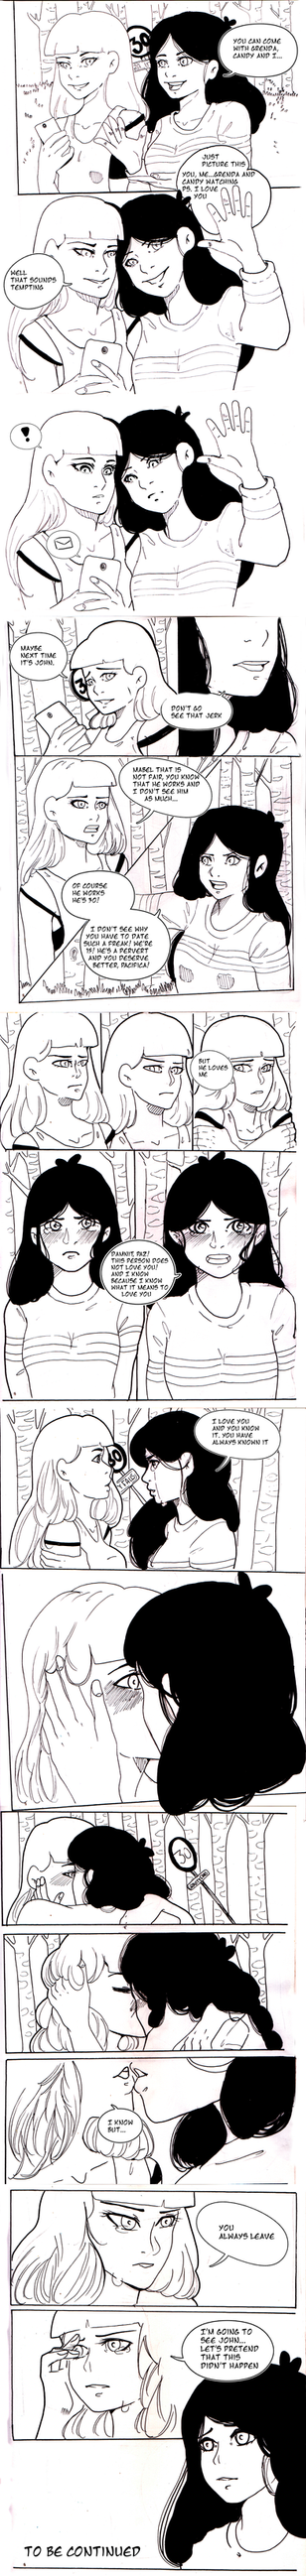 Comic Part 1 by RachelLevitte